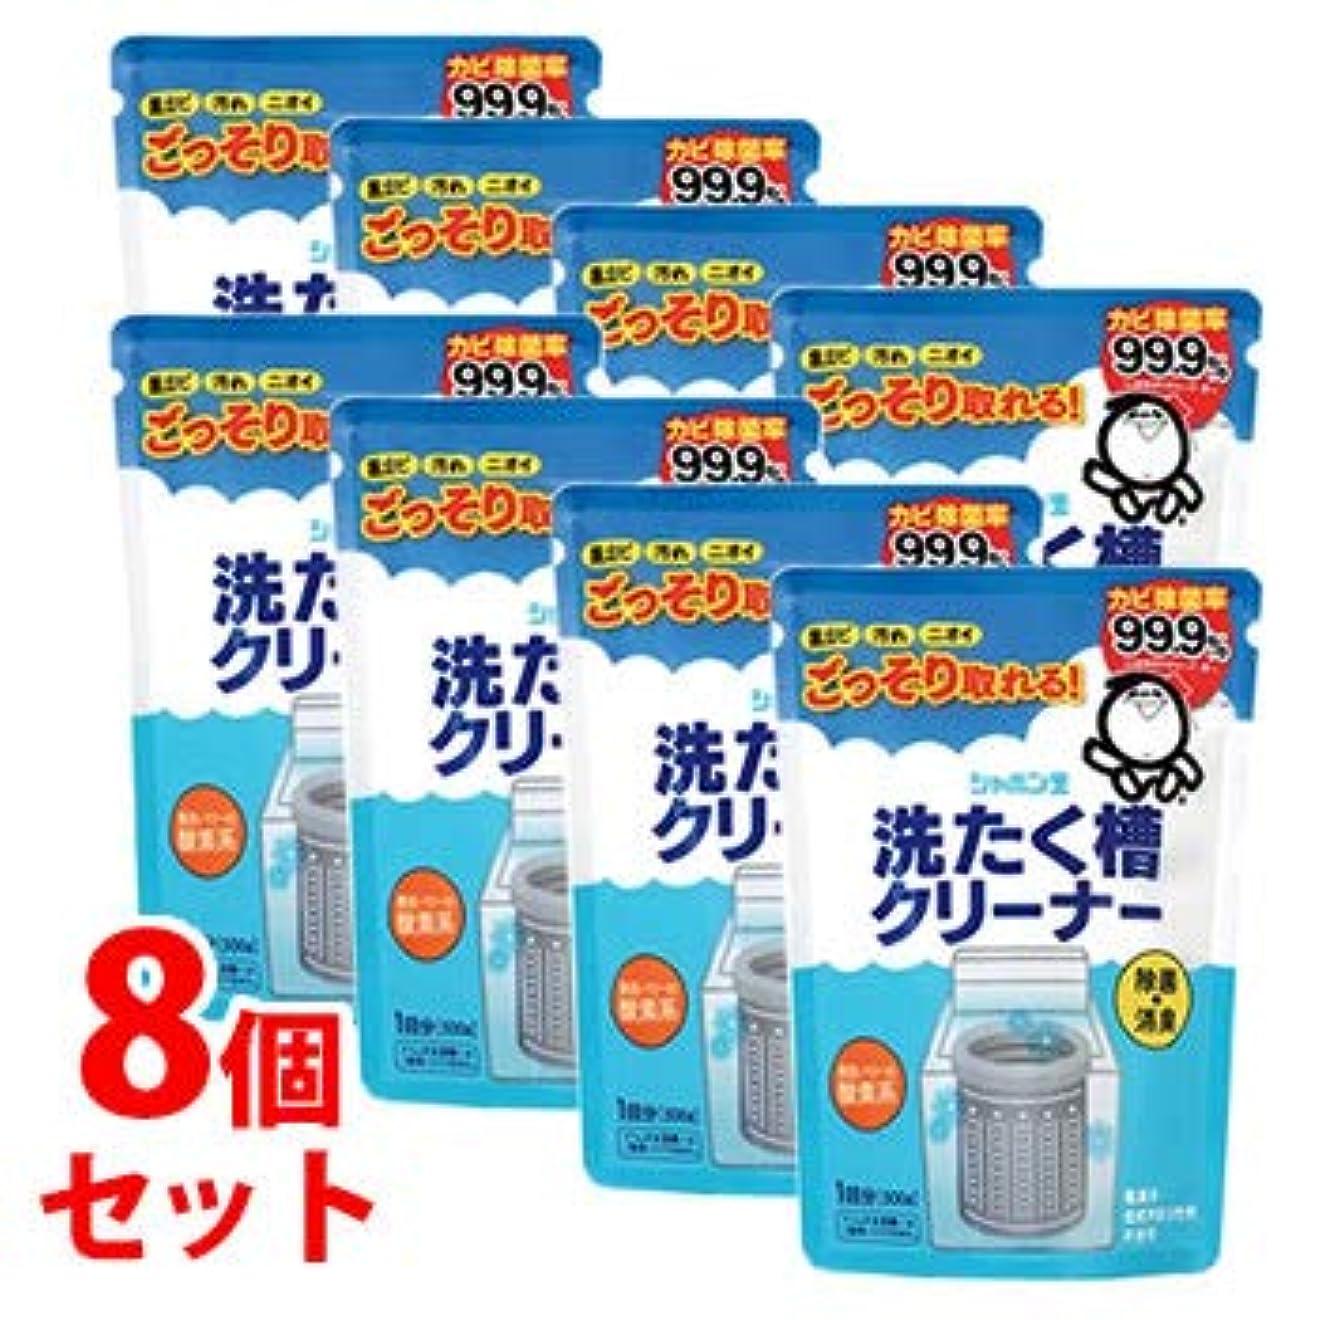 形状火傷シンク《セット販売》 シャボン玉 洗たく槽クリーナー (500g)×8個セット